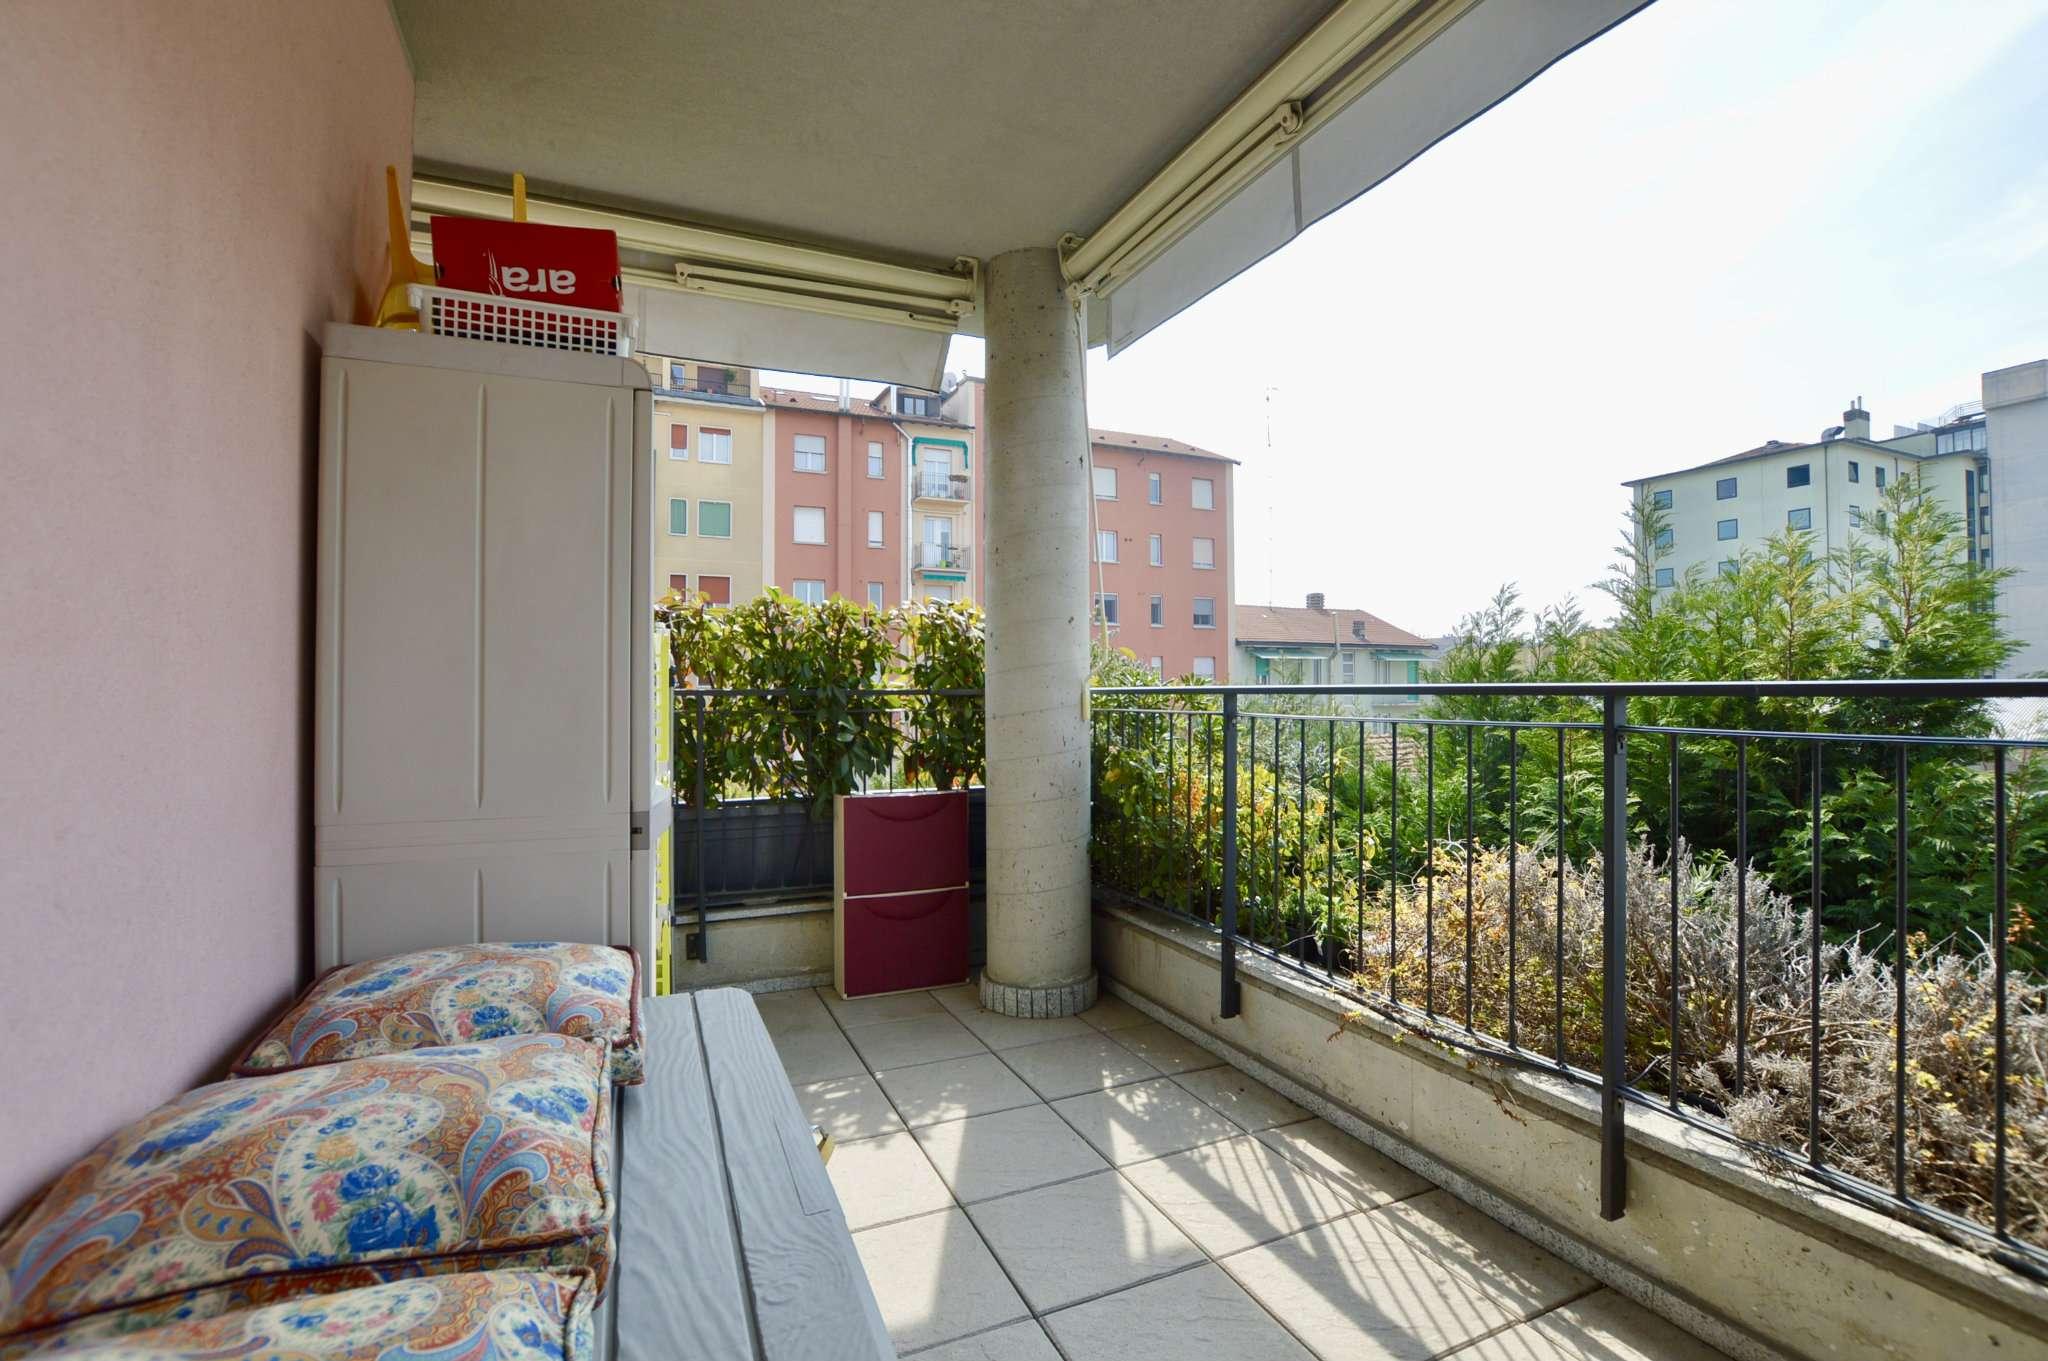 Appartamento in Vendita a Milano 18 Ippodromo / San Siro / Zavattari:  2 locali, 58 mq  - Foto 1